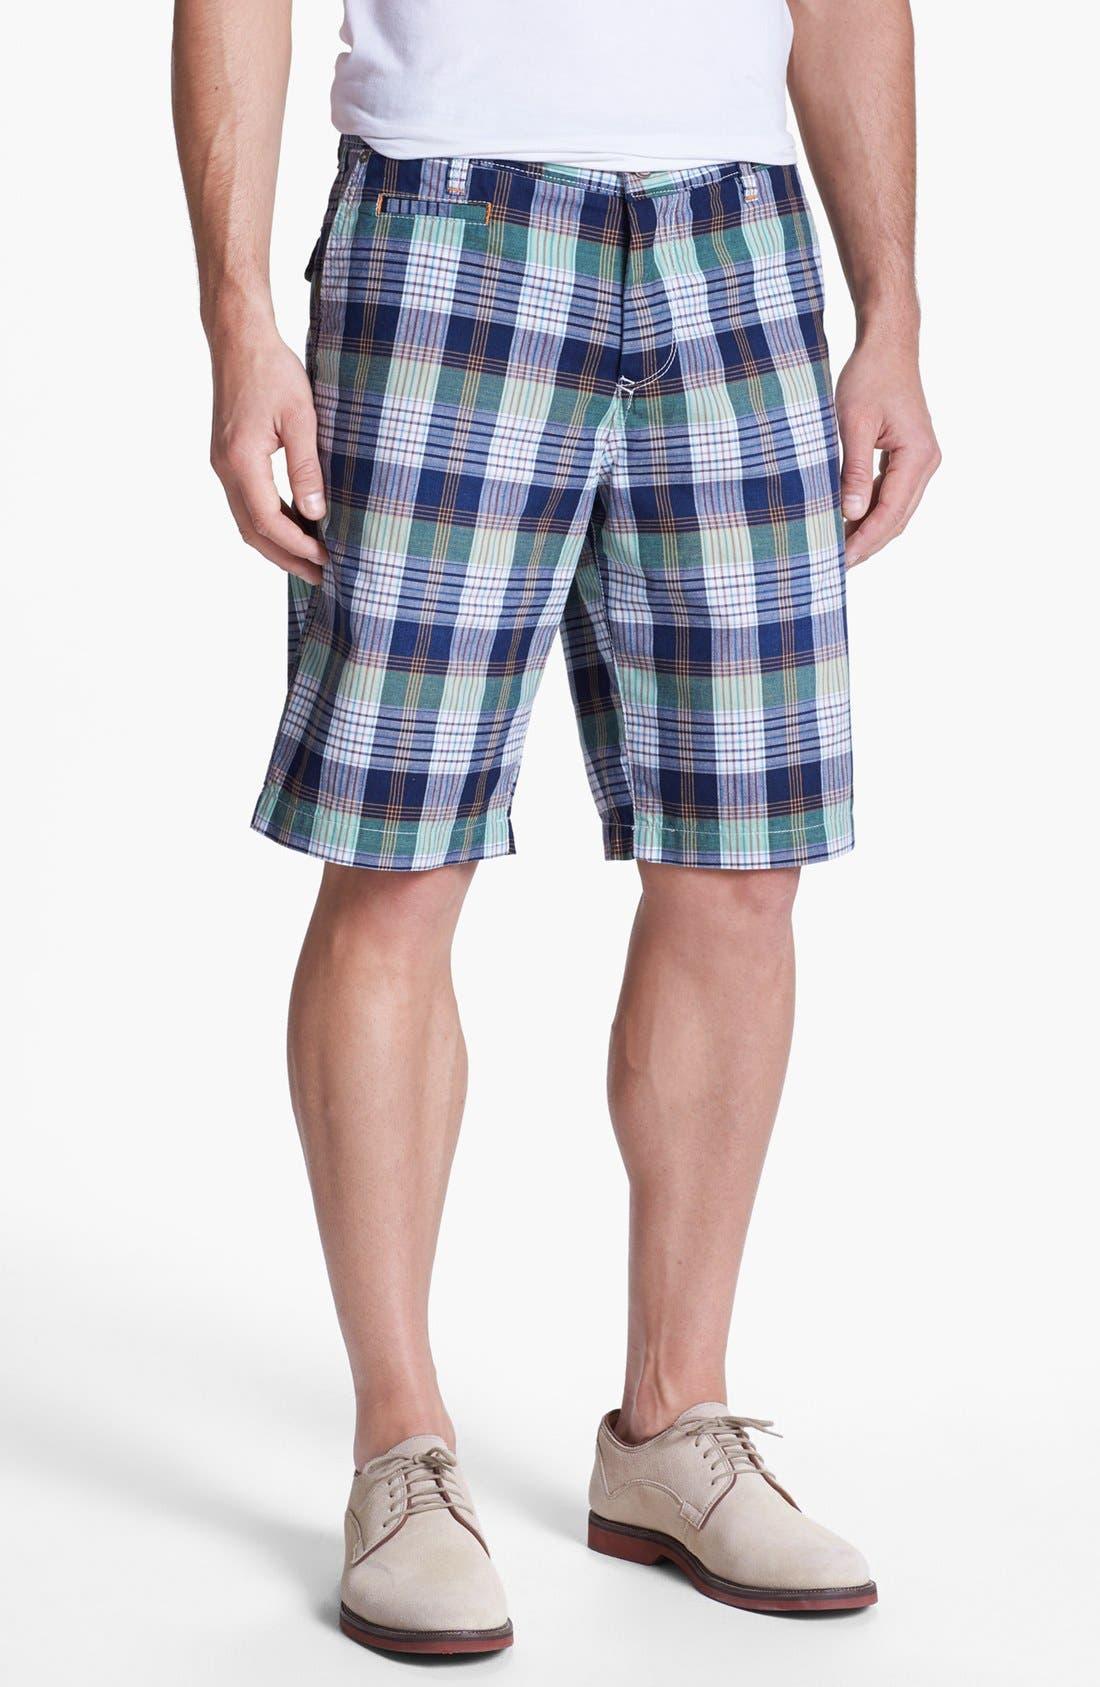 Alternate Image 1 Selected - Tommy Bahama Denim 'Reel Indigo' Shorts